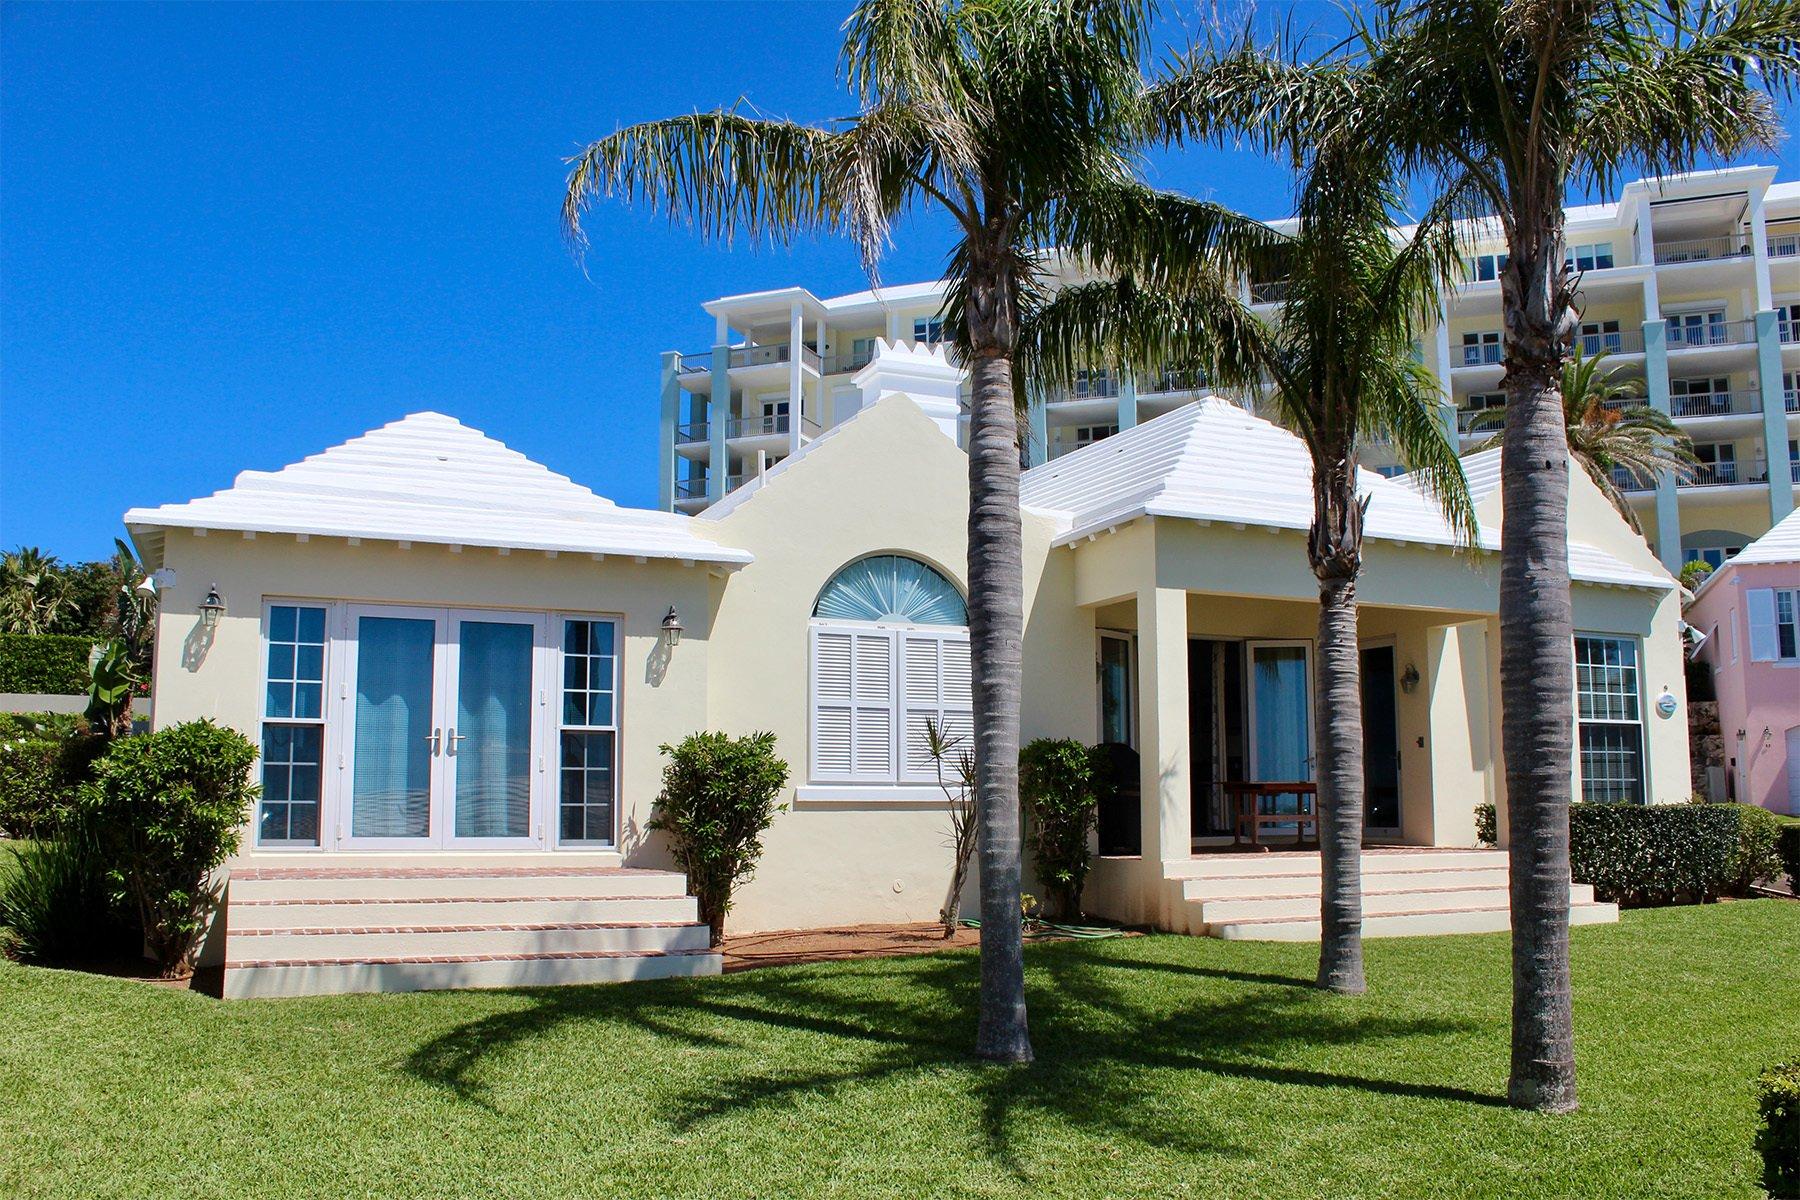 Condo in Warwick, Warwick Parish, Bermuda 1